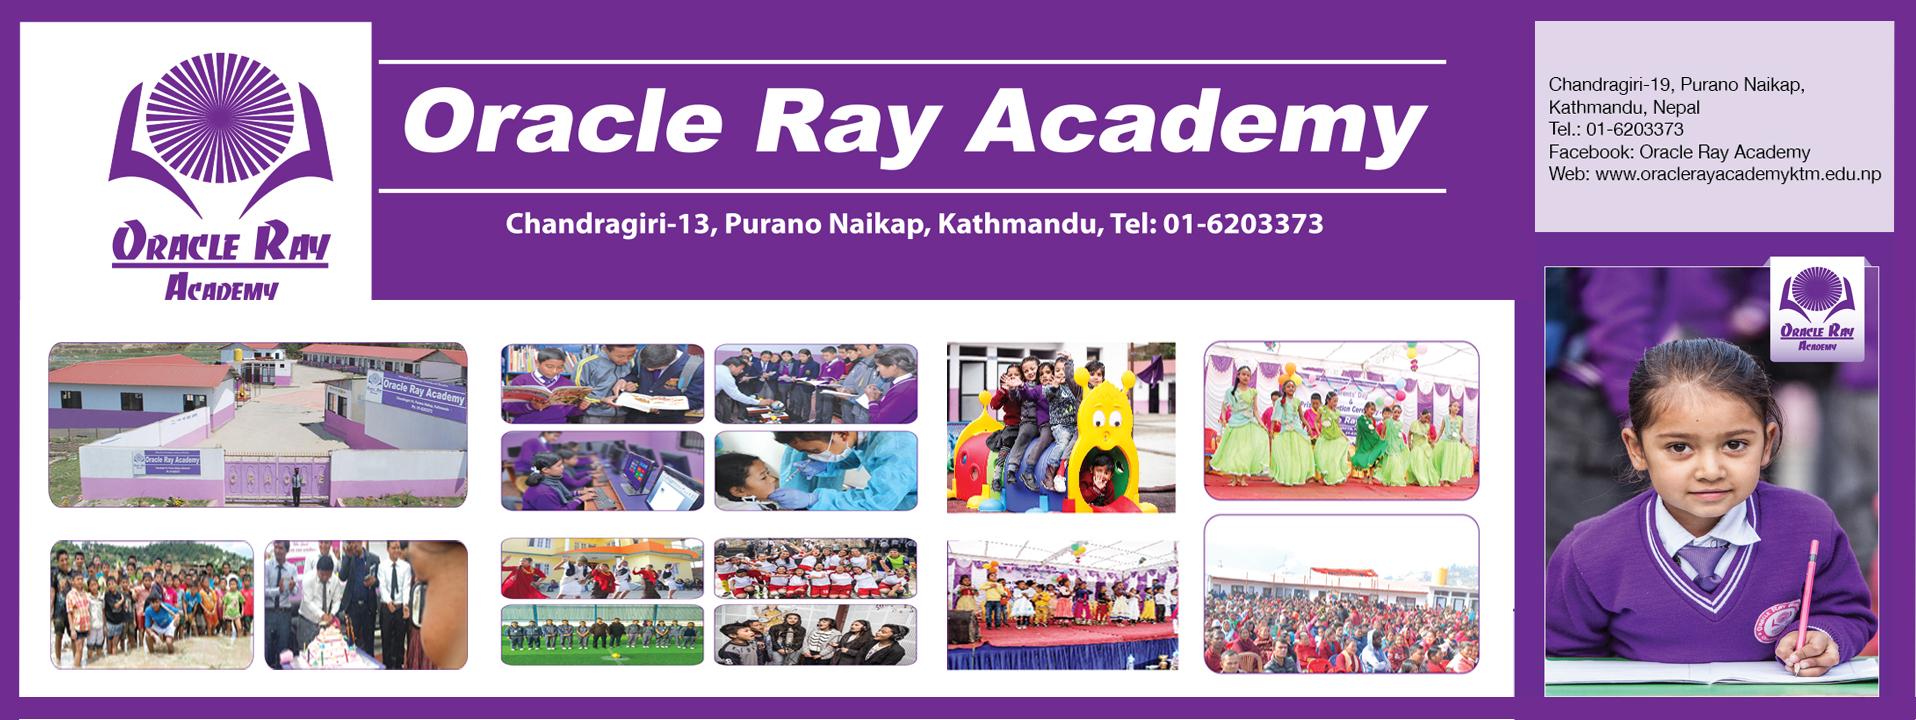 Chandragirinews oracalray आजबाट एसइइ परीक्षा सुरु, ४ लाख ८५ हजार ५८६ परीक्षार्थी सहभागी हुदै शिक्षा    chandragiri